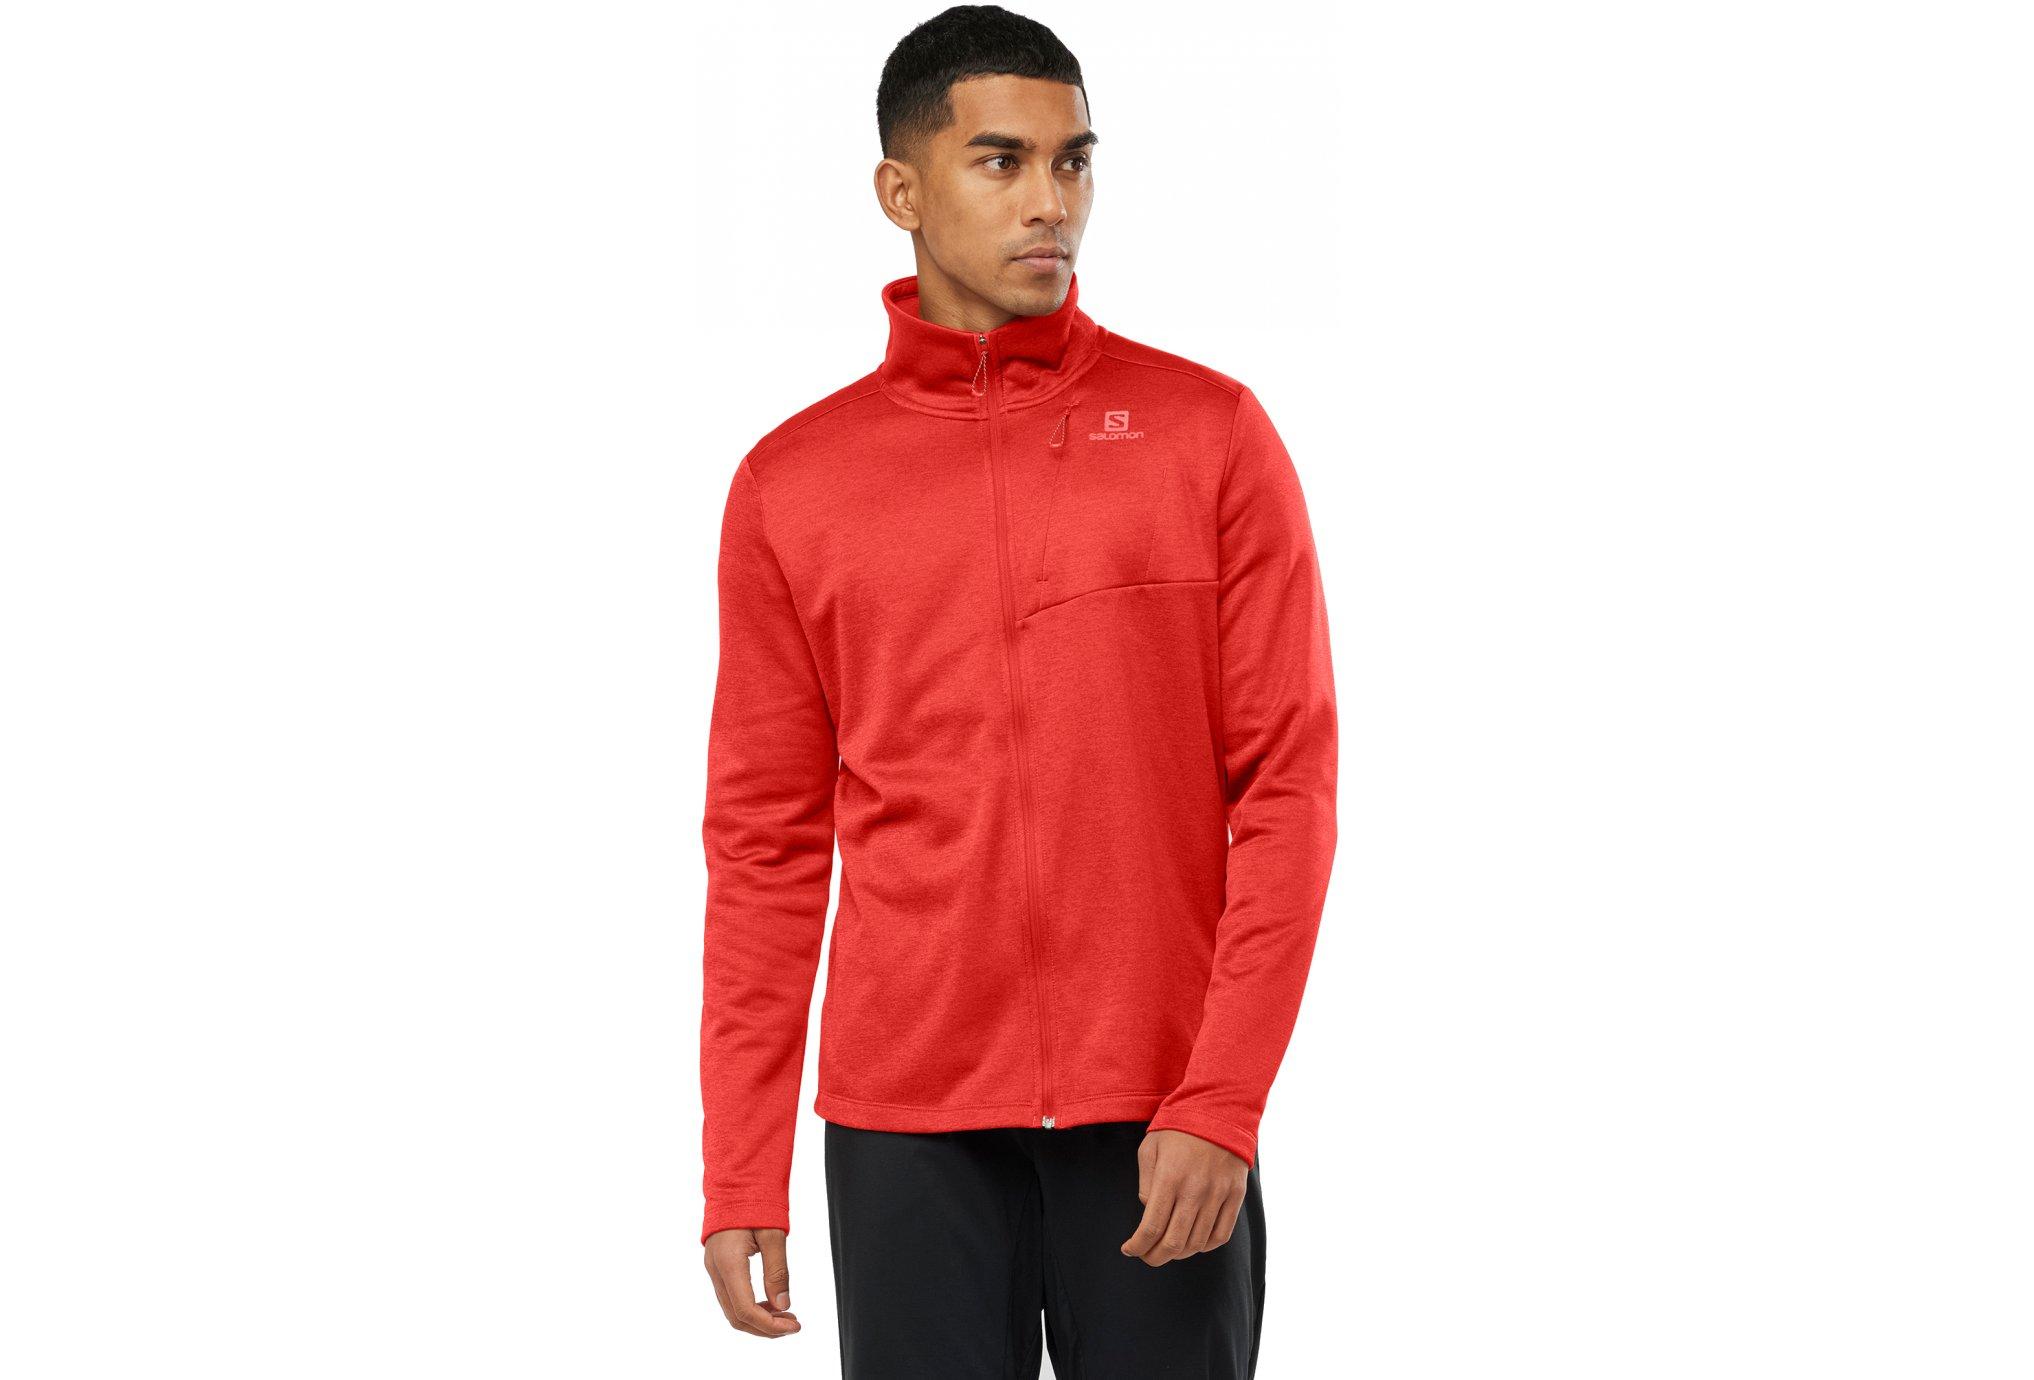 Salomon Transition Full Zip M vêtement running homme